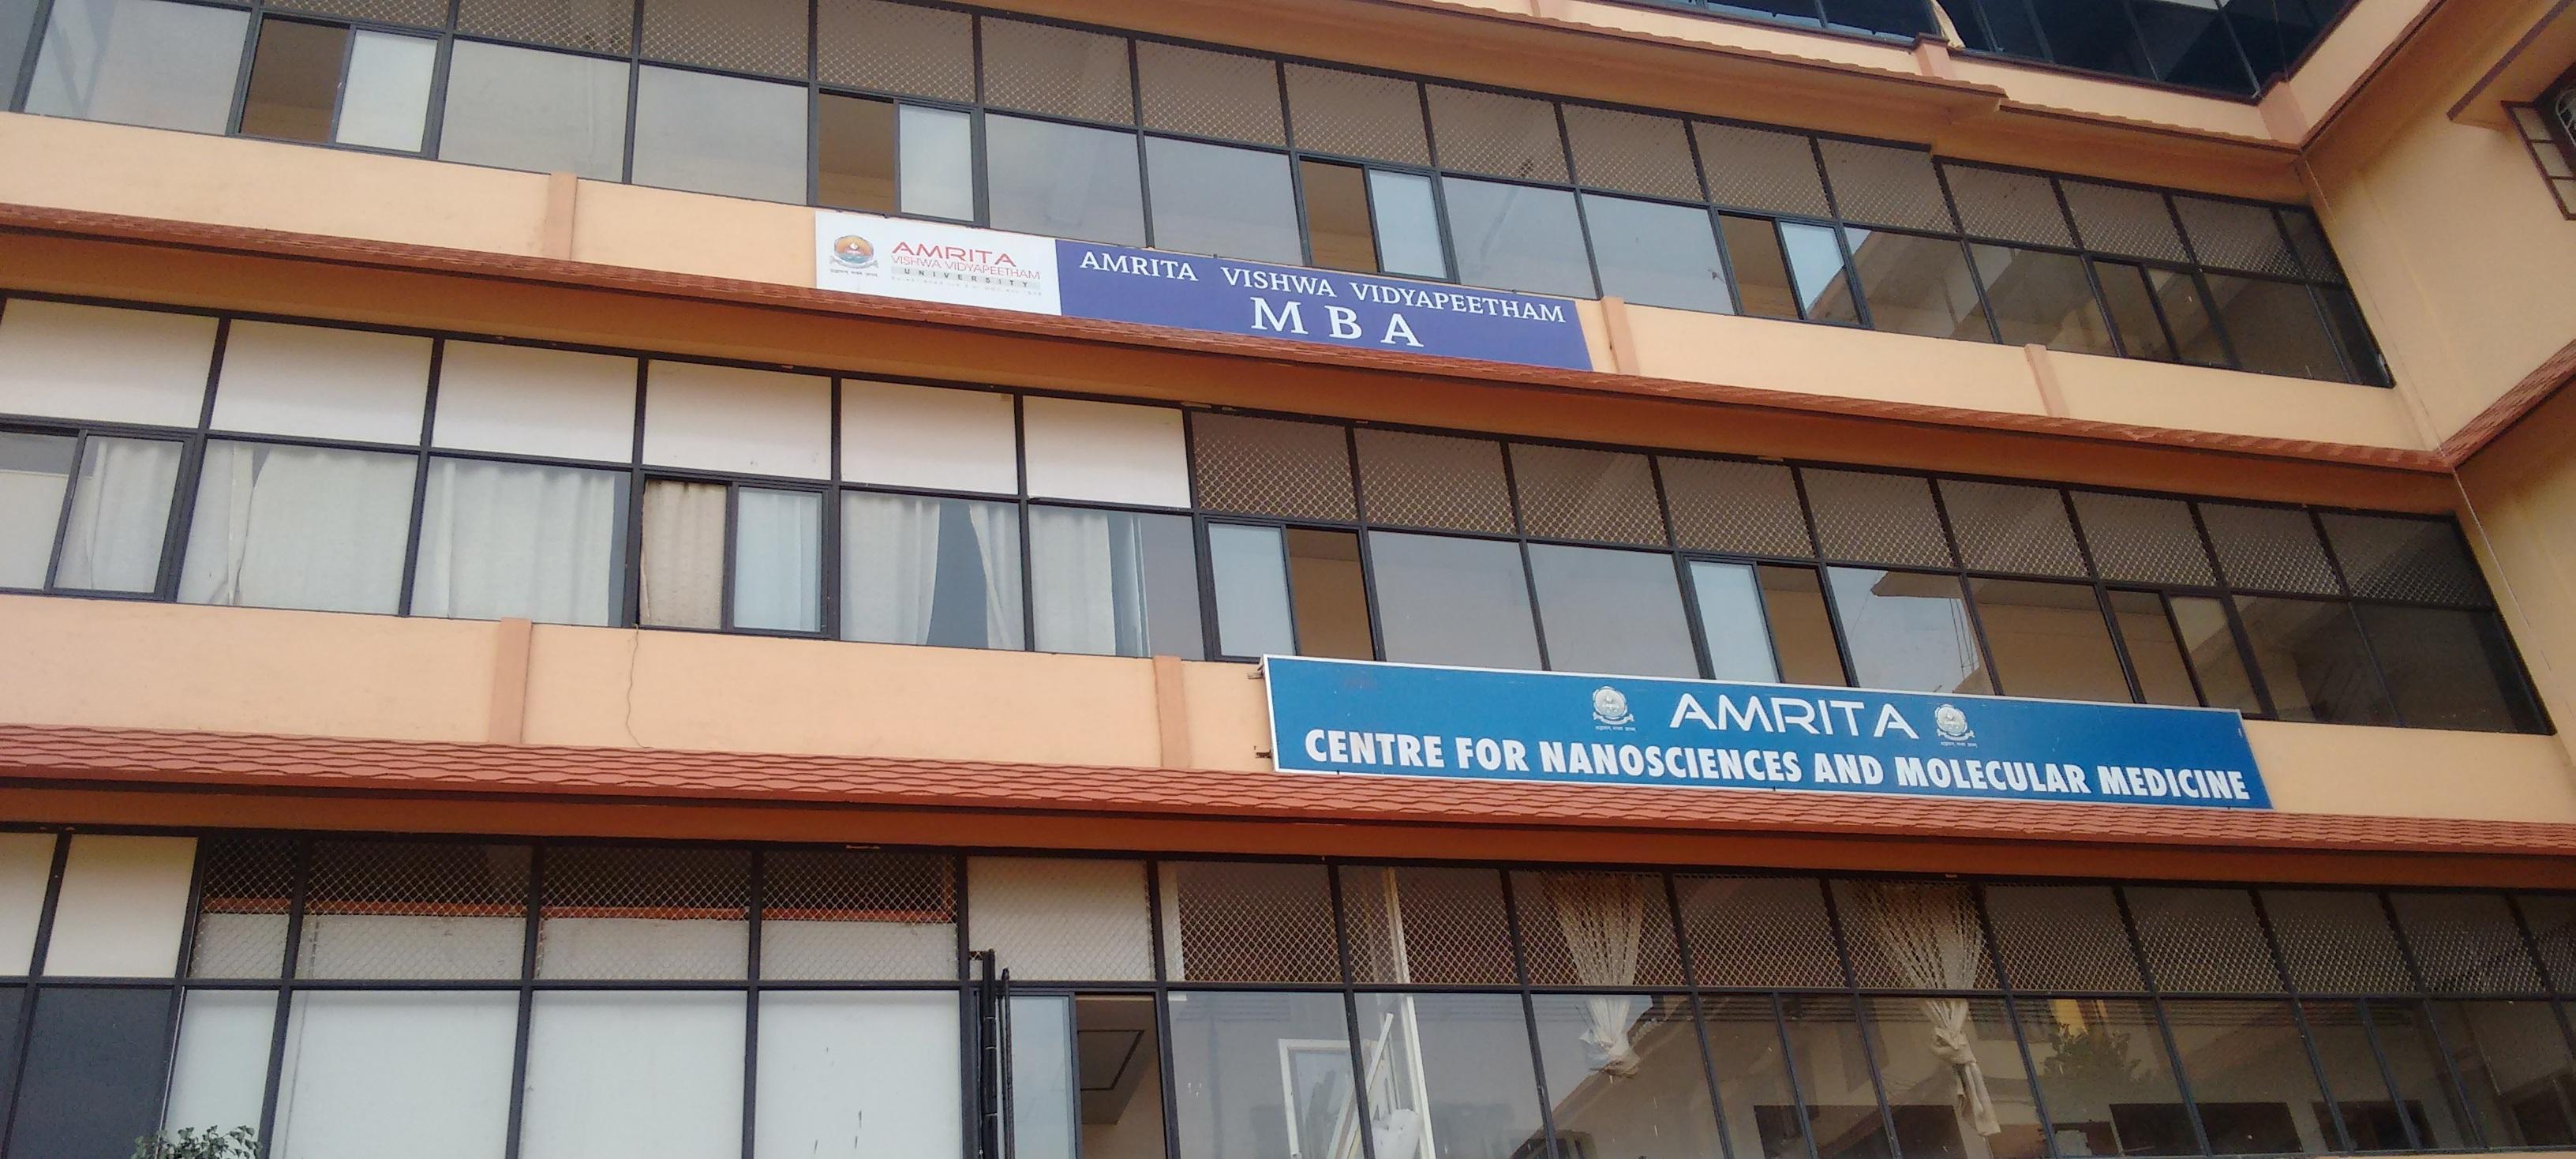 Amrita Center for Nanosciences and Molecular Medicine, Kochi